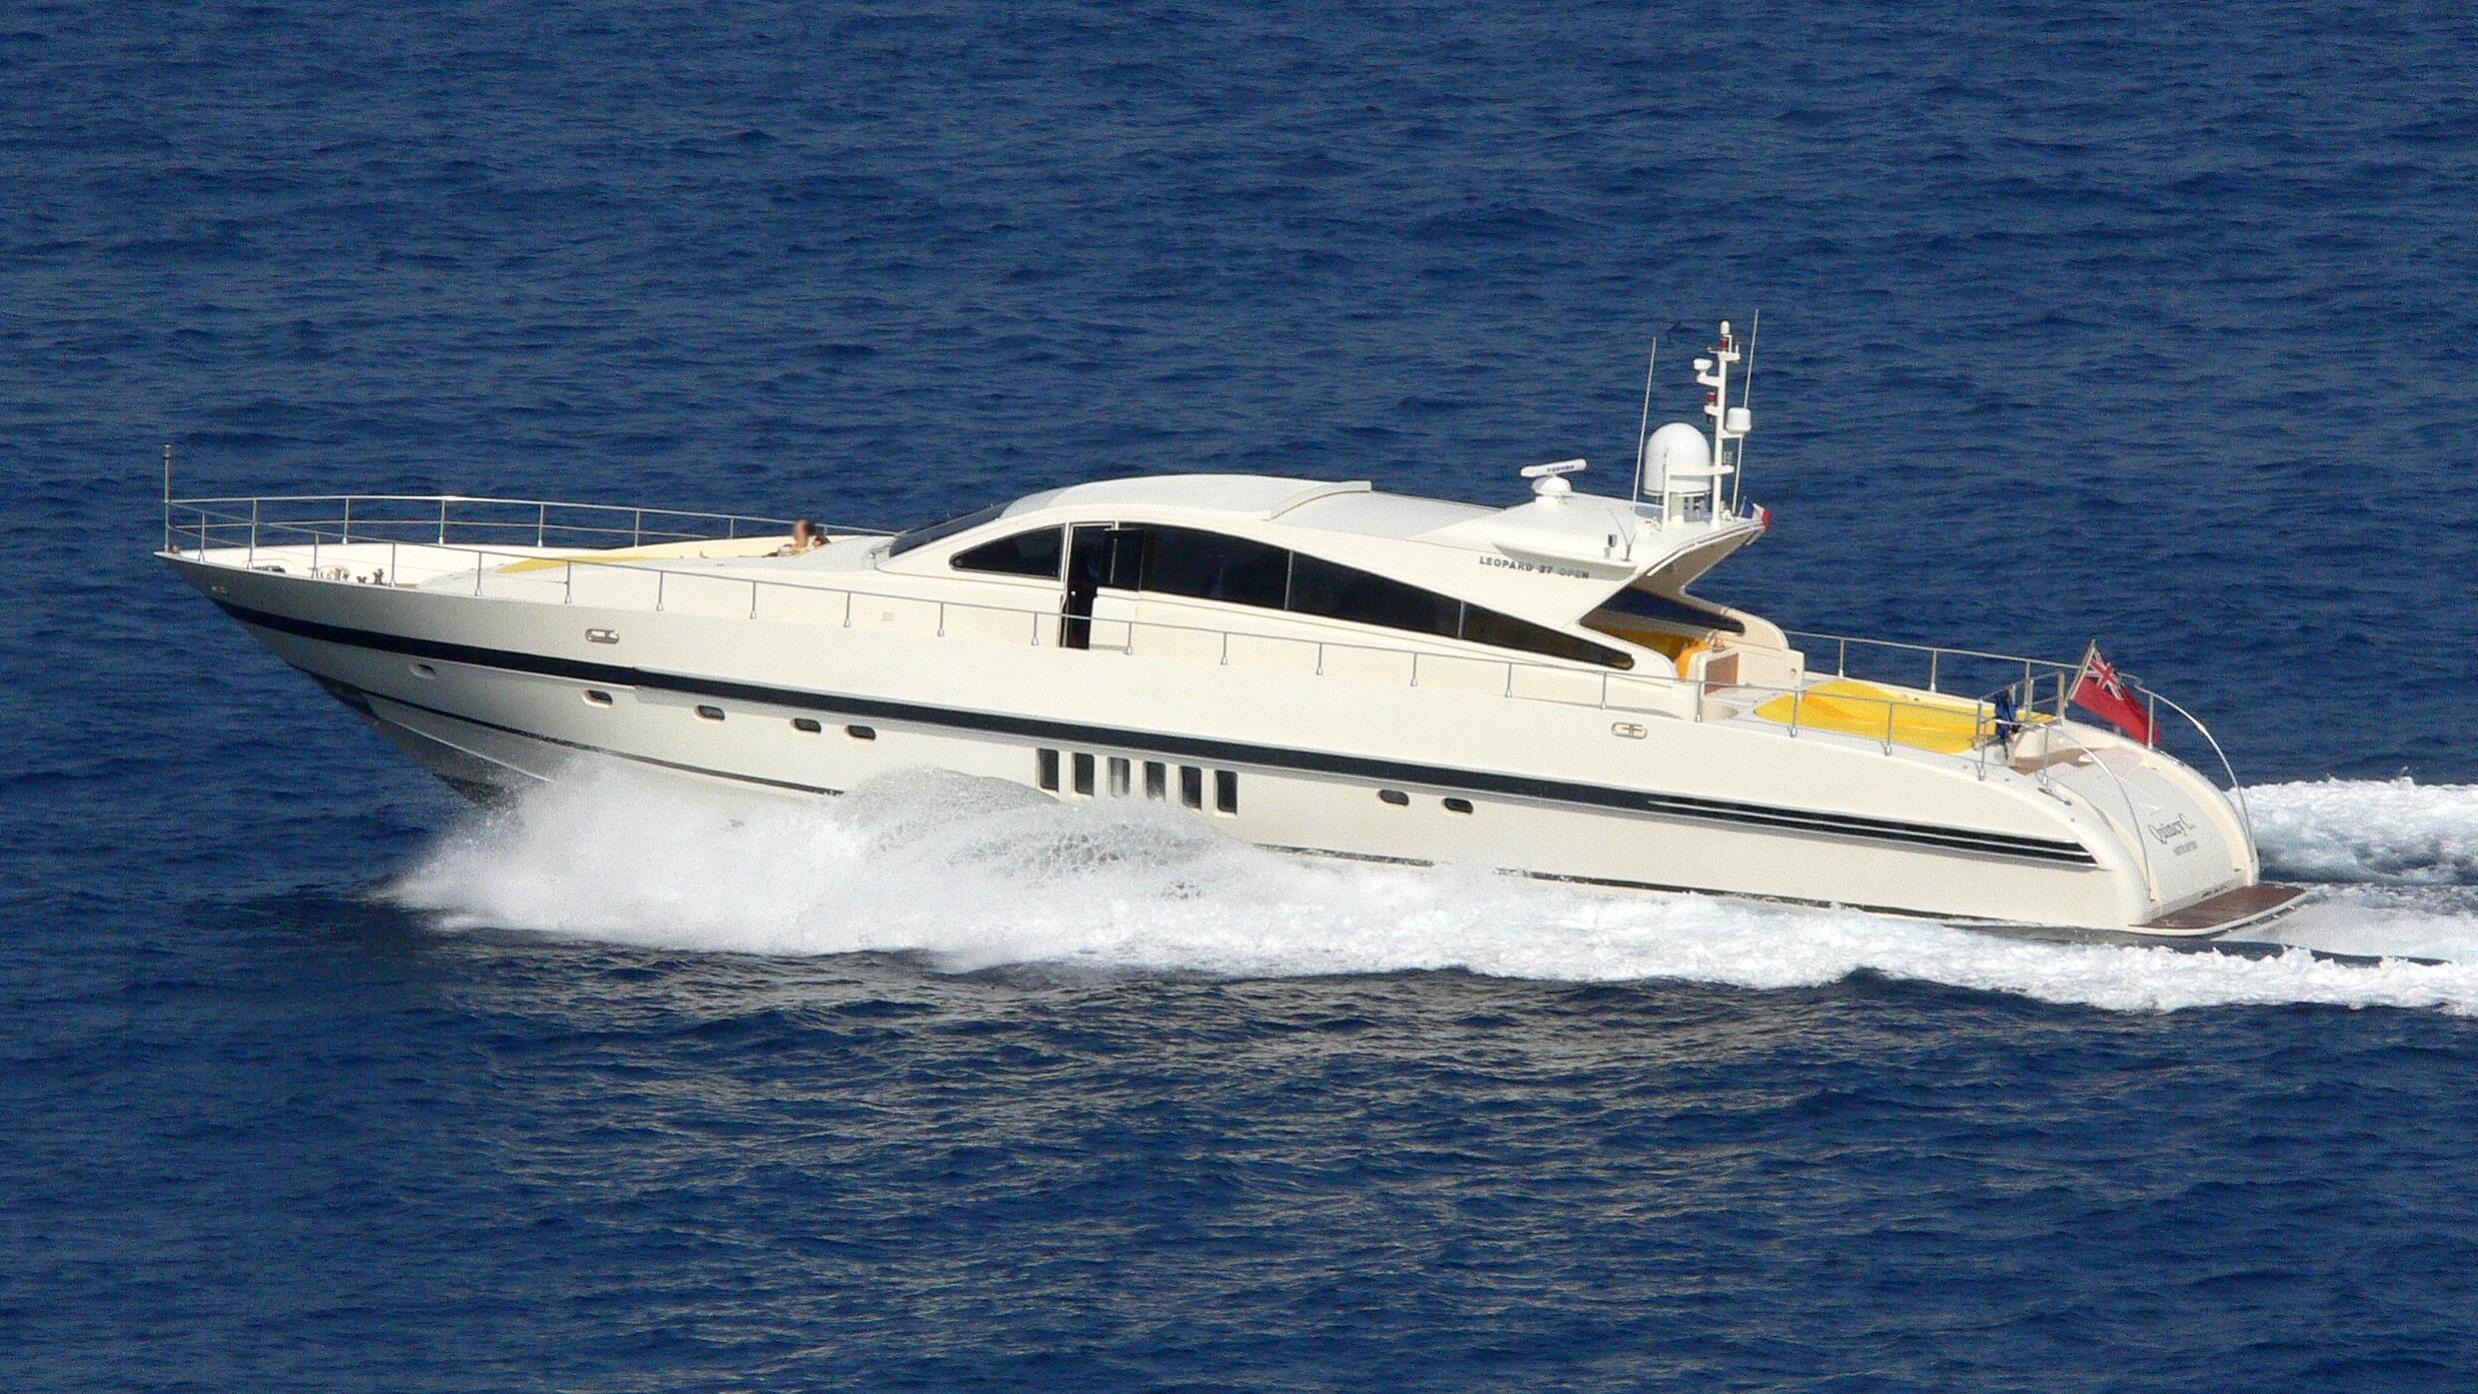 quincy-c-yacht-exterior